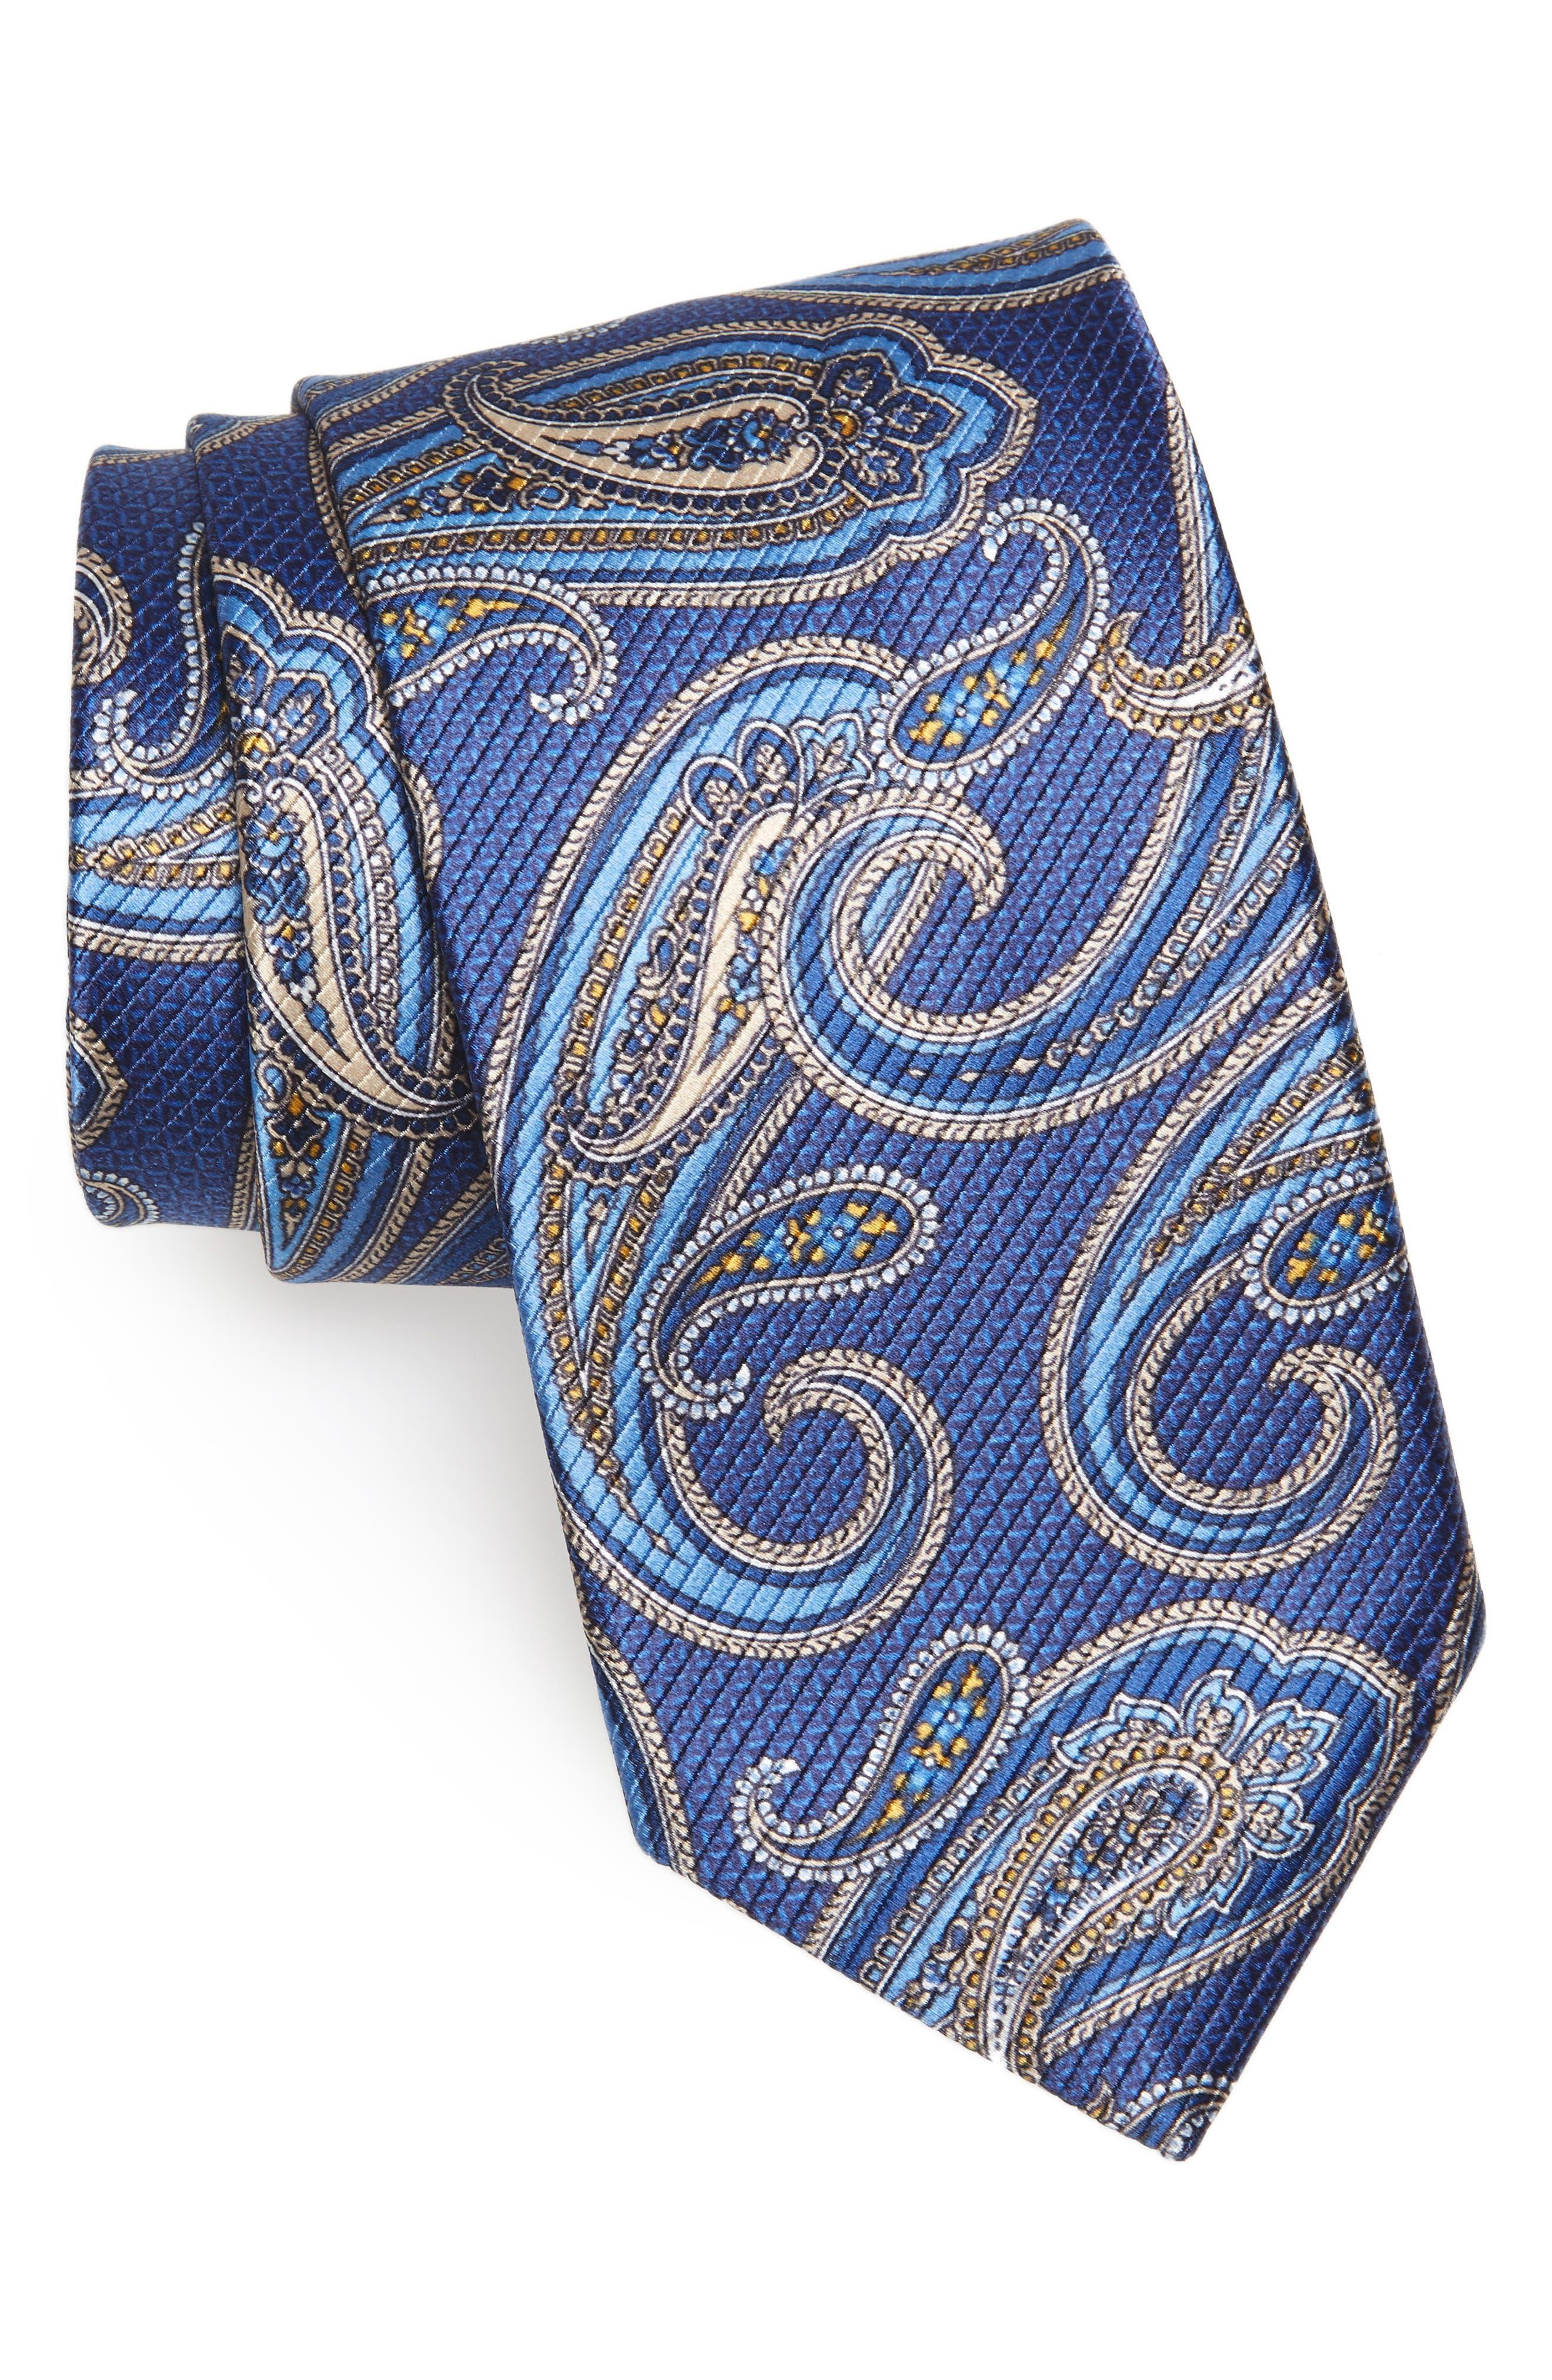 Alternate Image 1 Selected - David Donahue Paisley Silk Tie